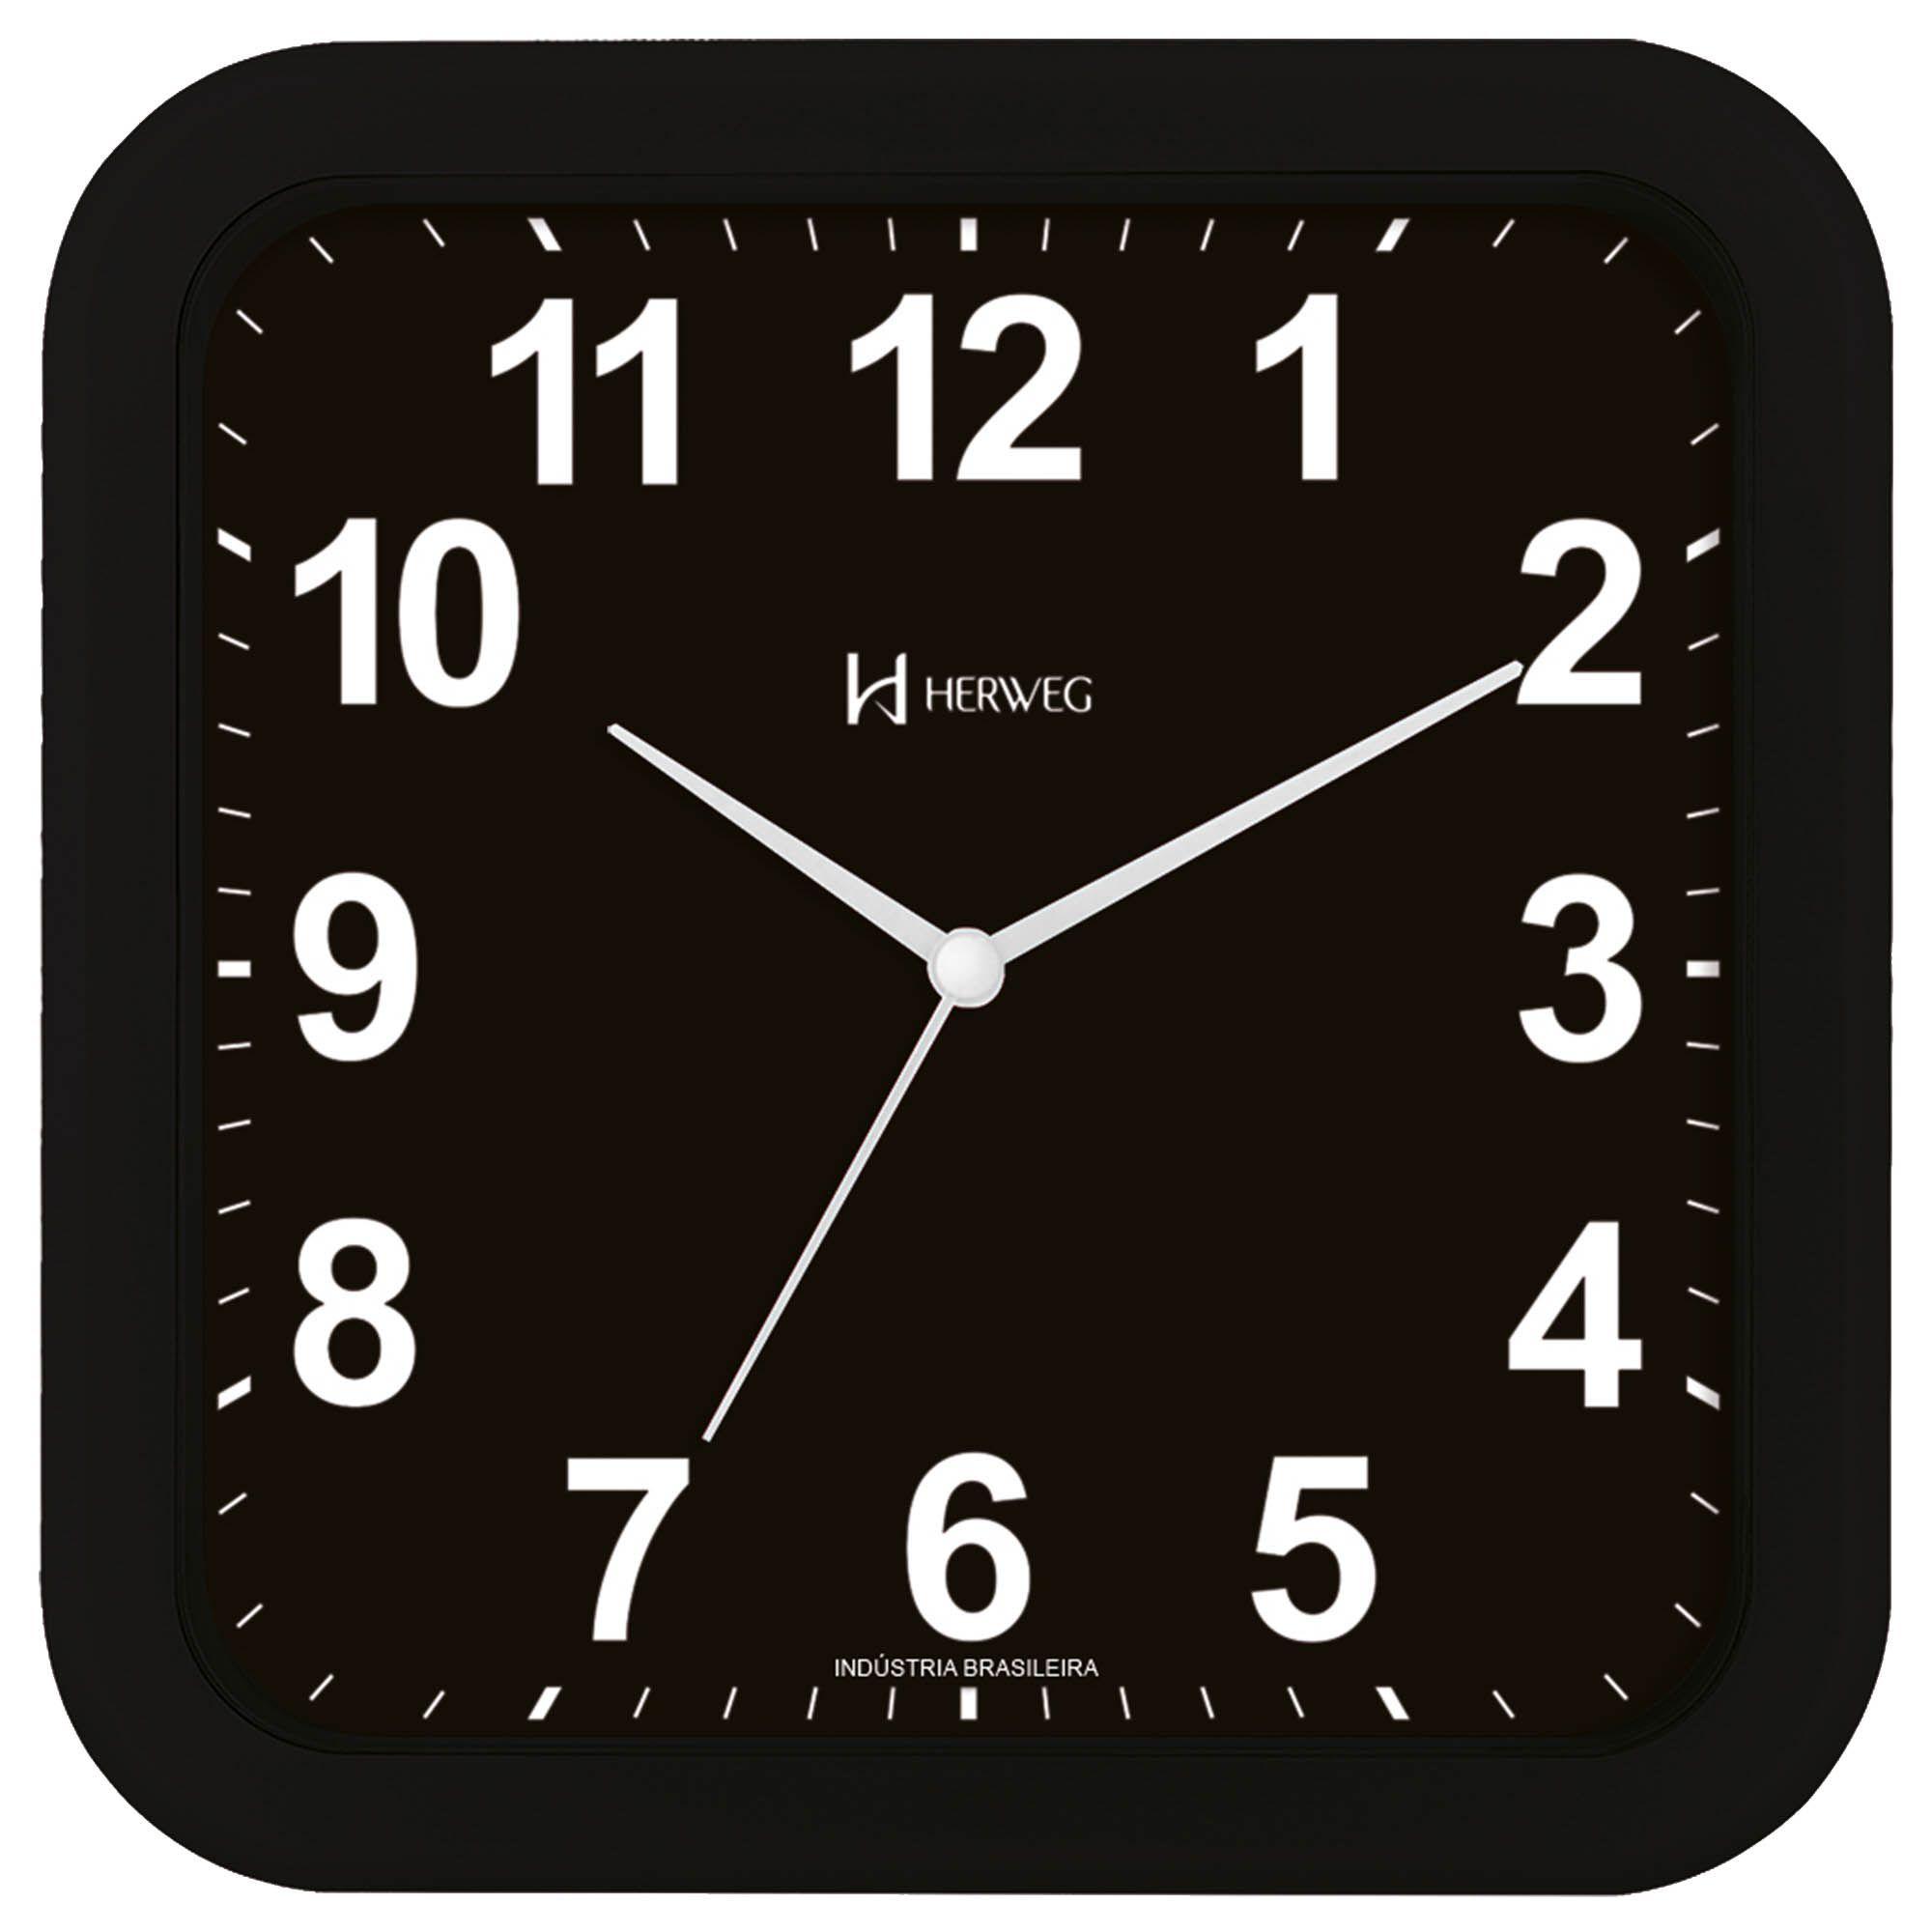 Relógio de Parede Analógico Herweg 6670 034 Preto